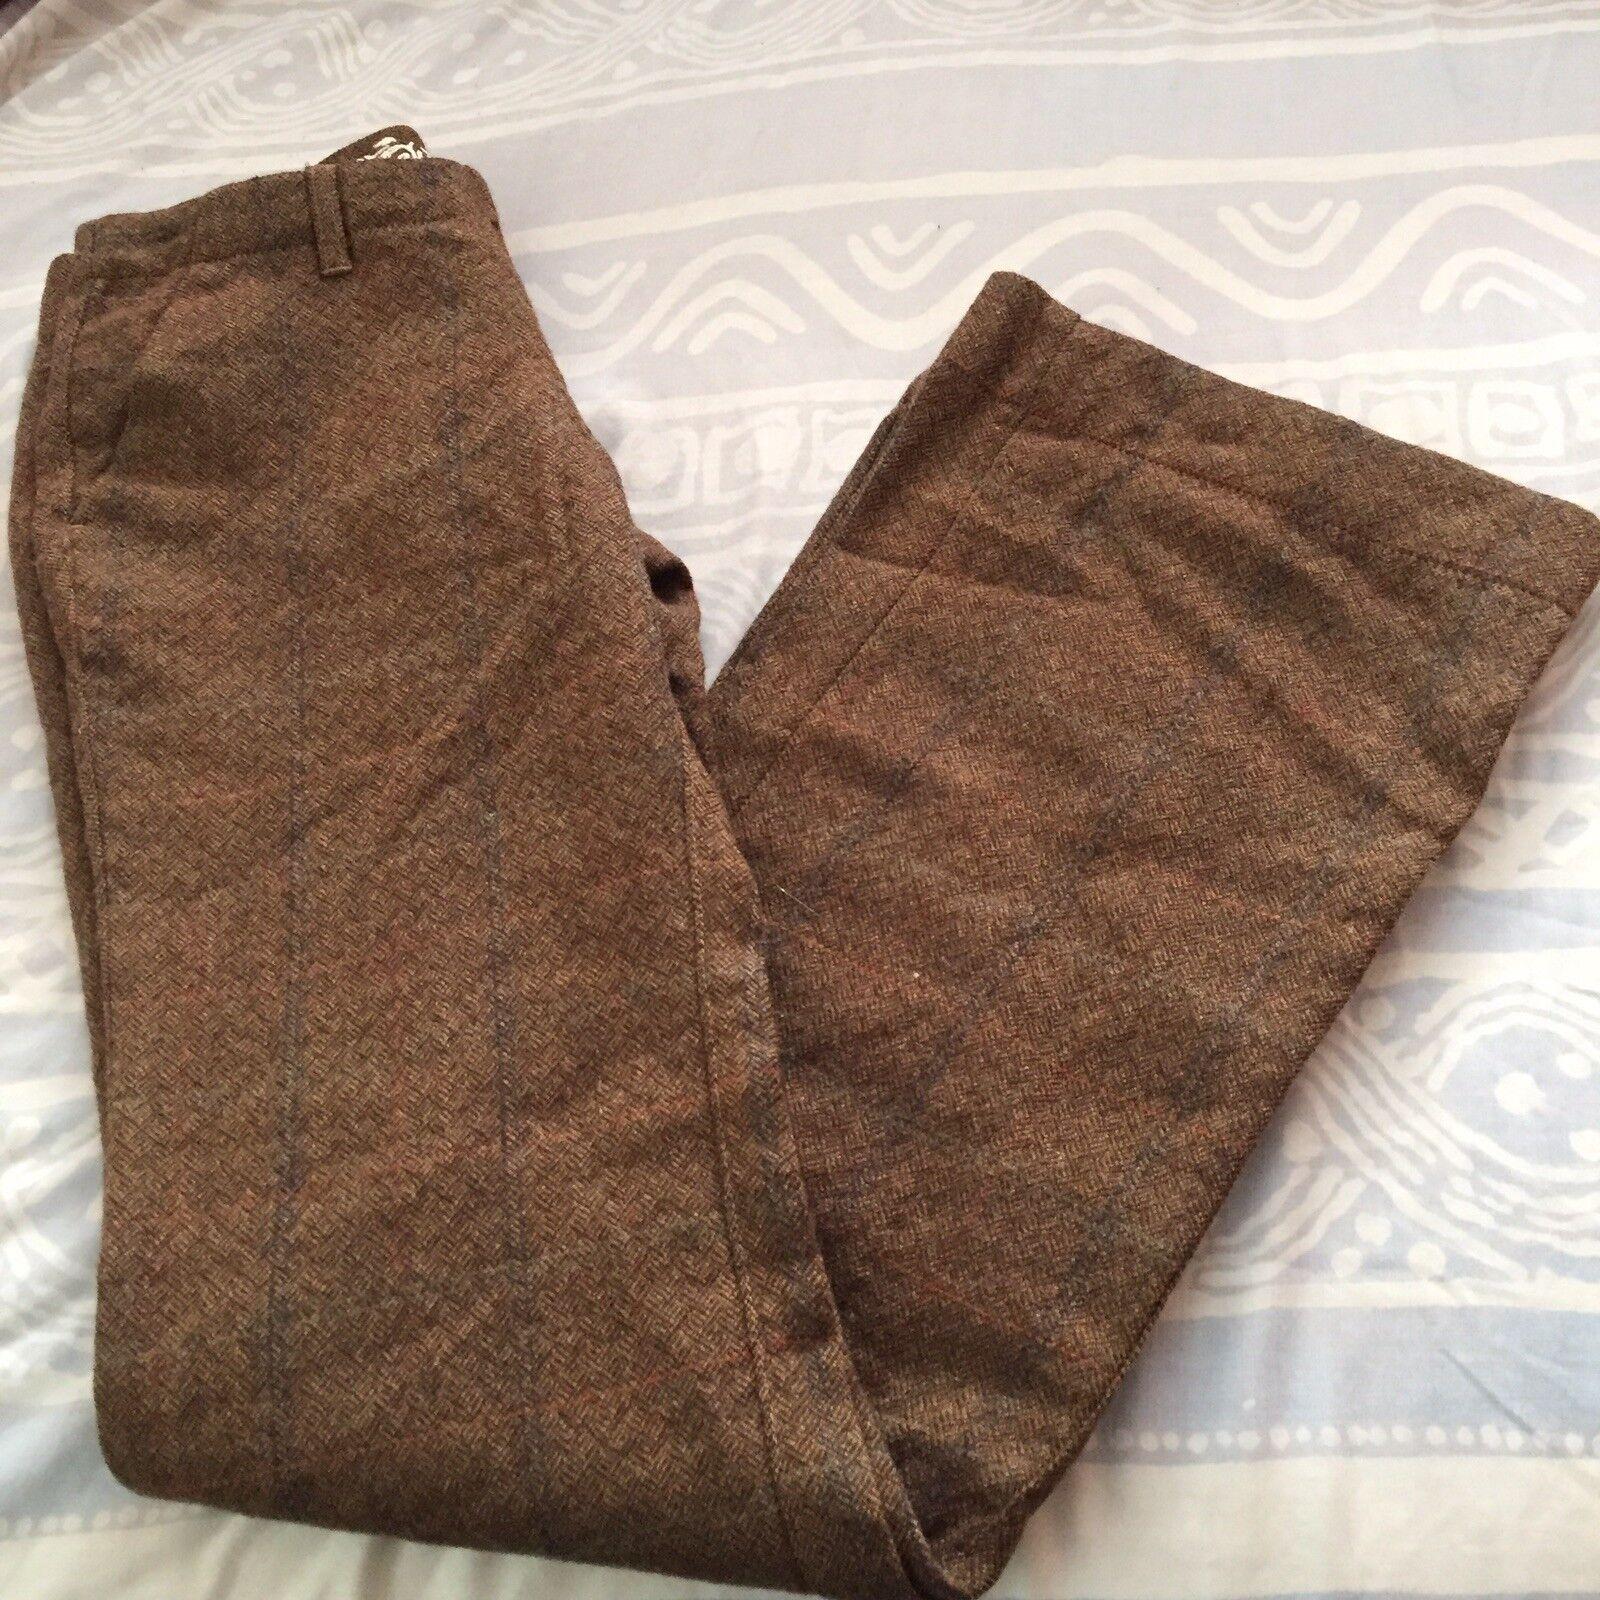 EDUN Wool Pants SZ 25